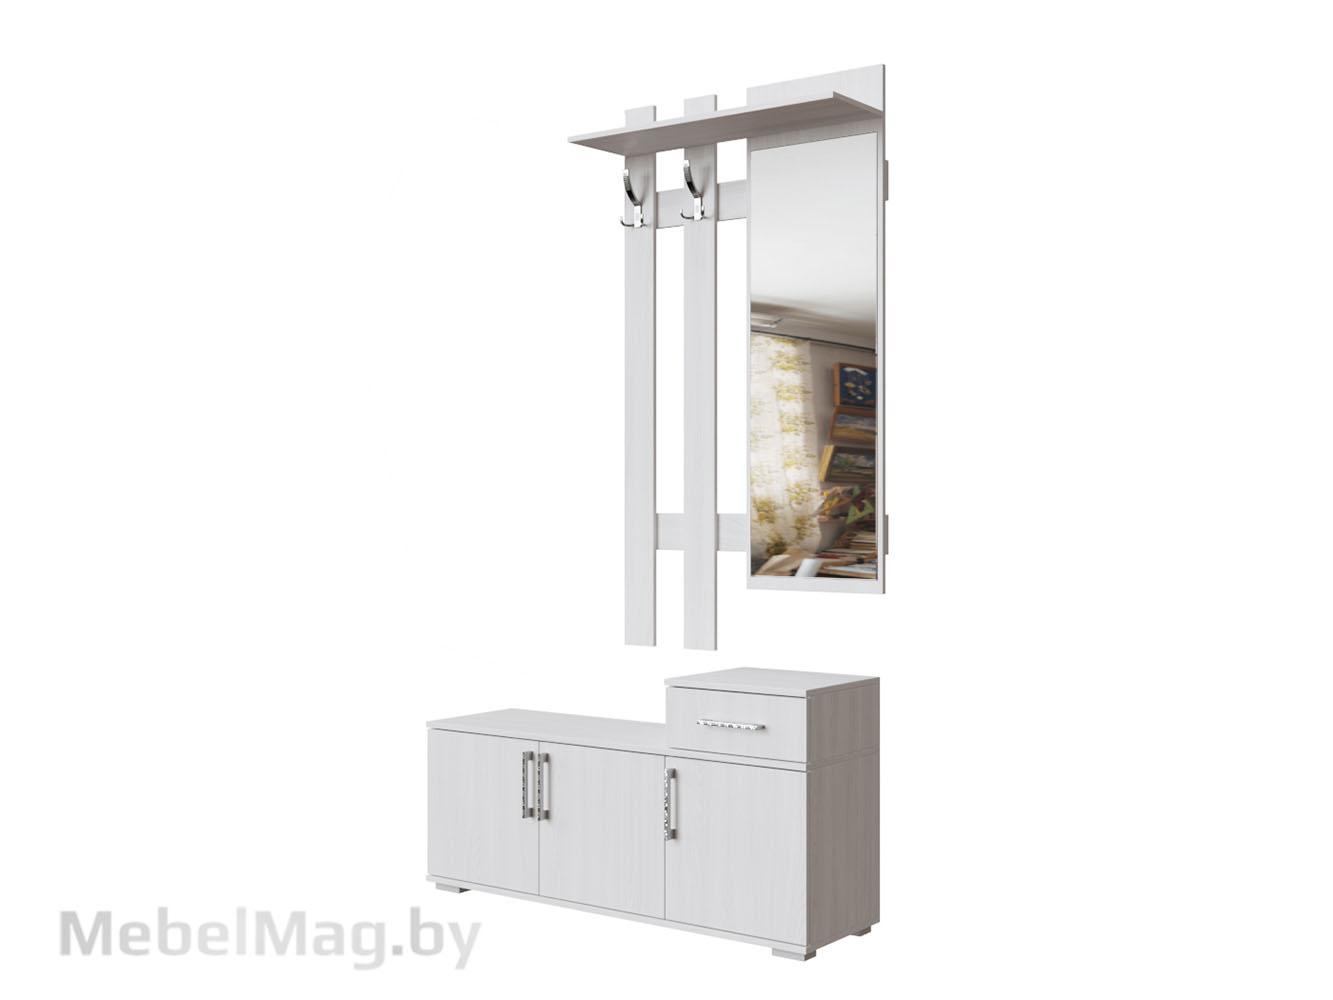 Вешалка с зеркалом 0,8м Ясень Анкор светлый - Прихожая №3